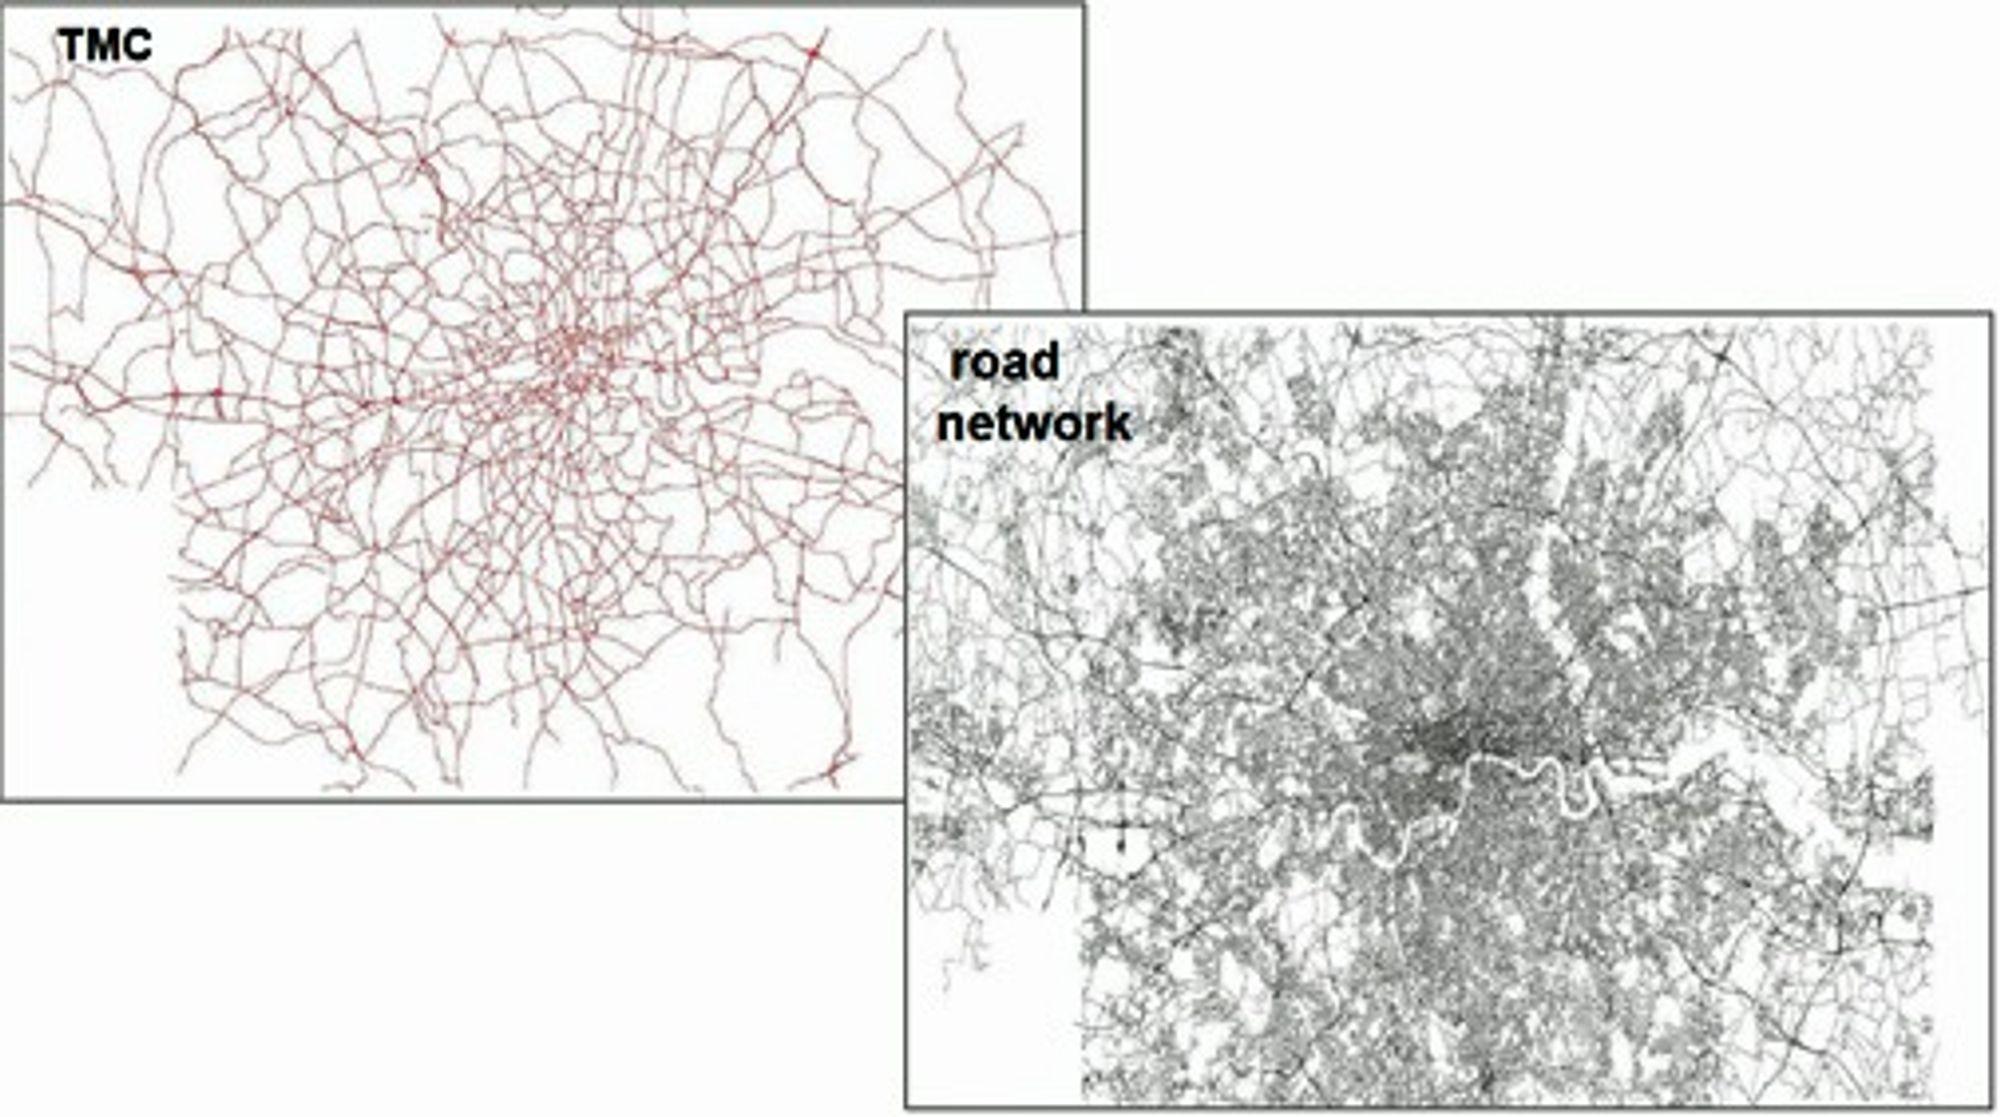 TMC-inforamsjonen for London, sammenlignet med det faktiske veinettet. Illustrasjon: TomTom.